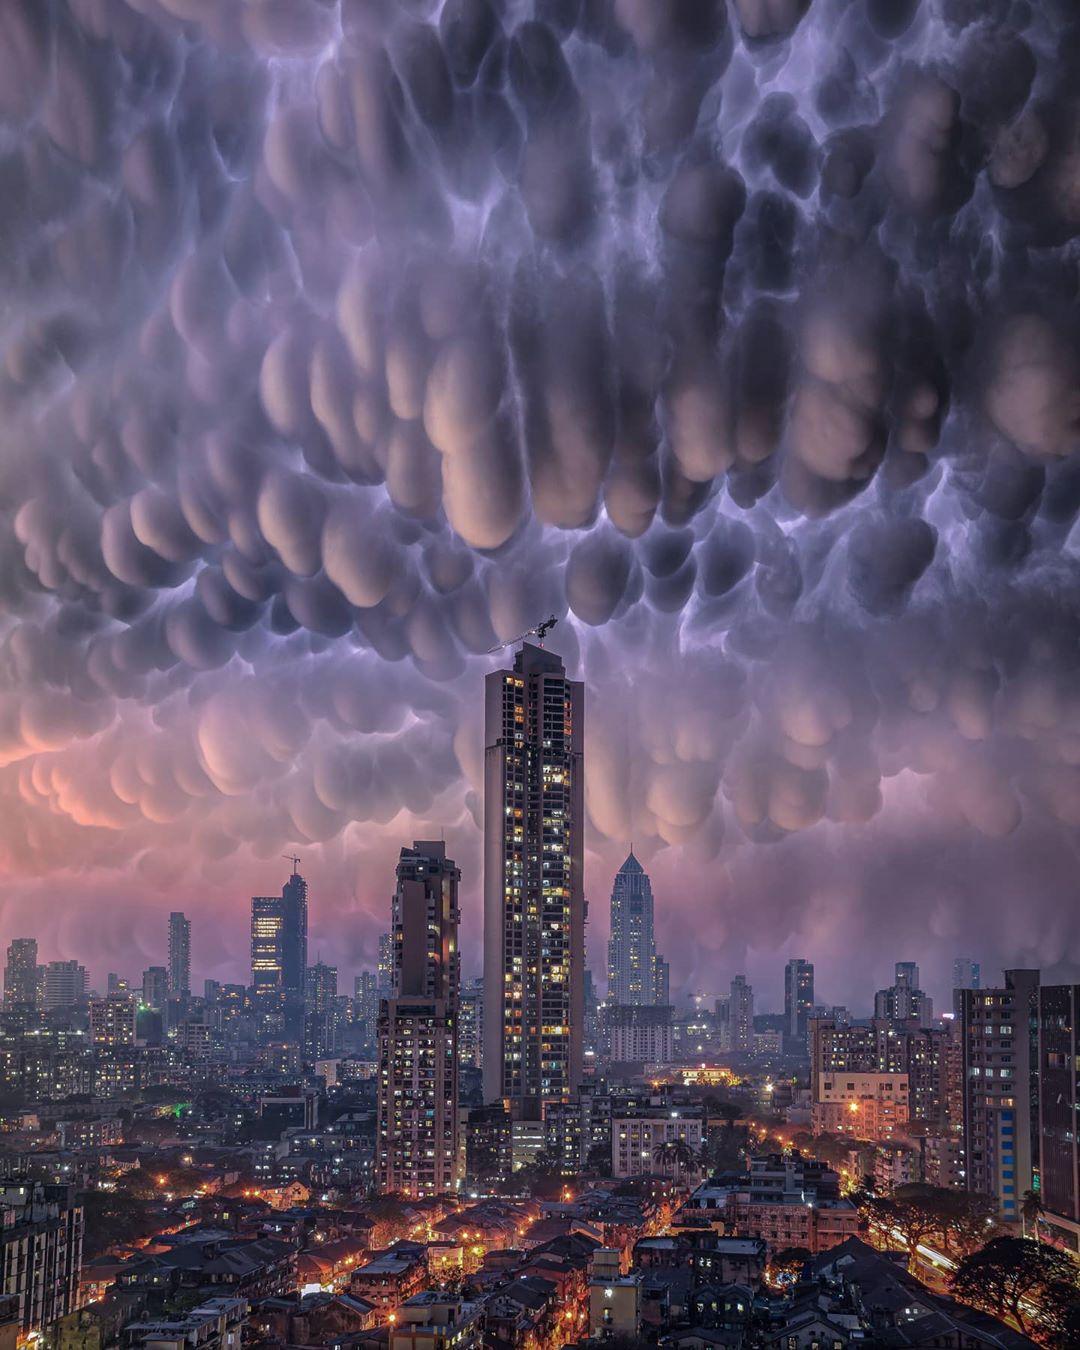 Удивительные пейзажи и красота неба от Брента Шавнора